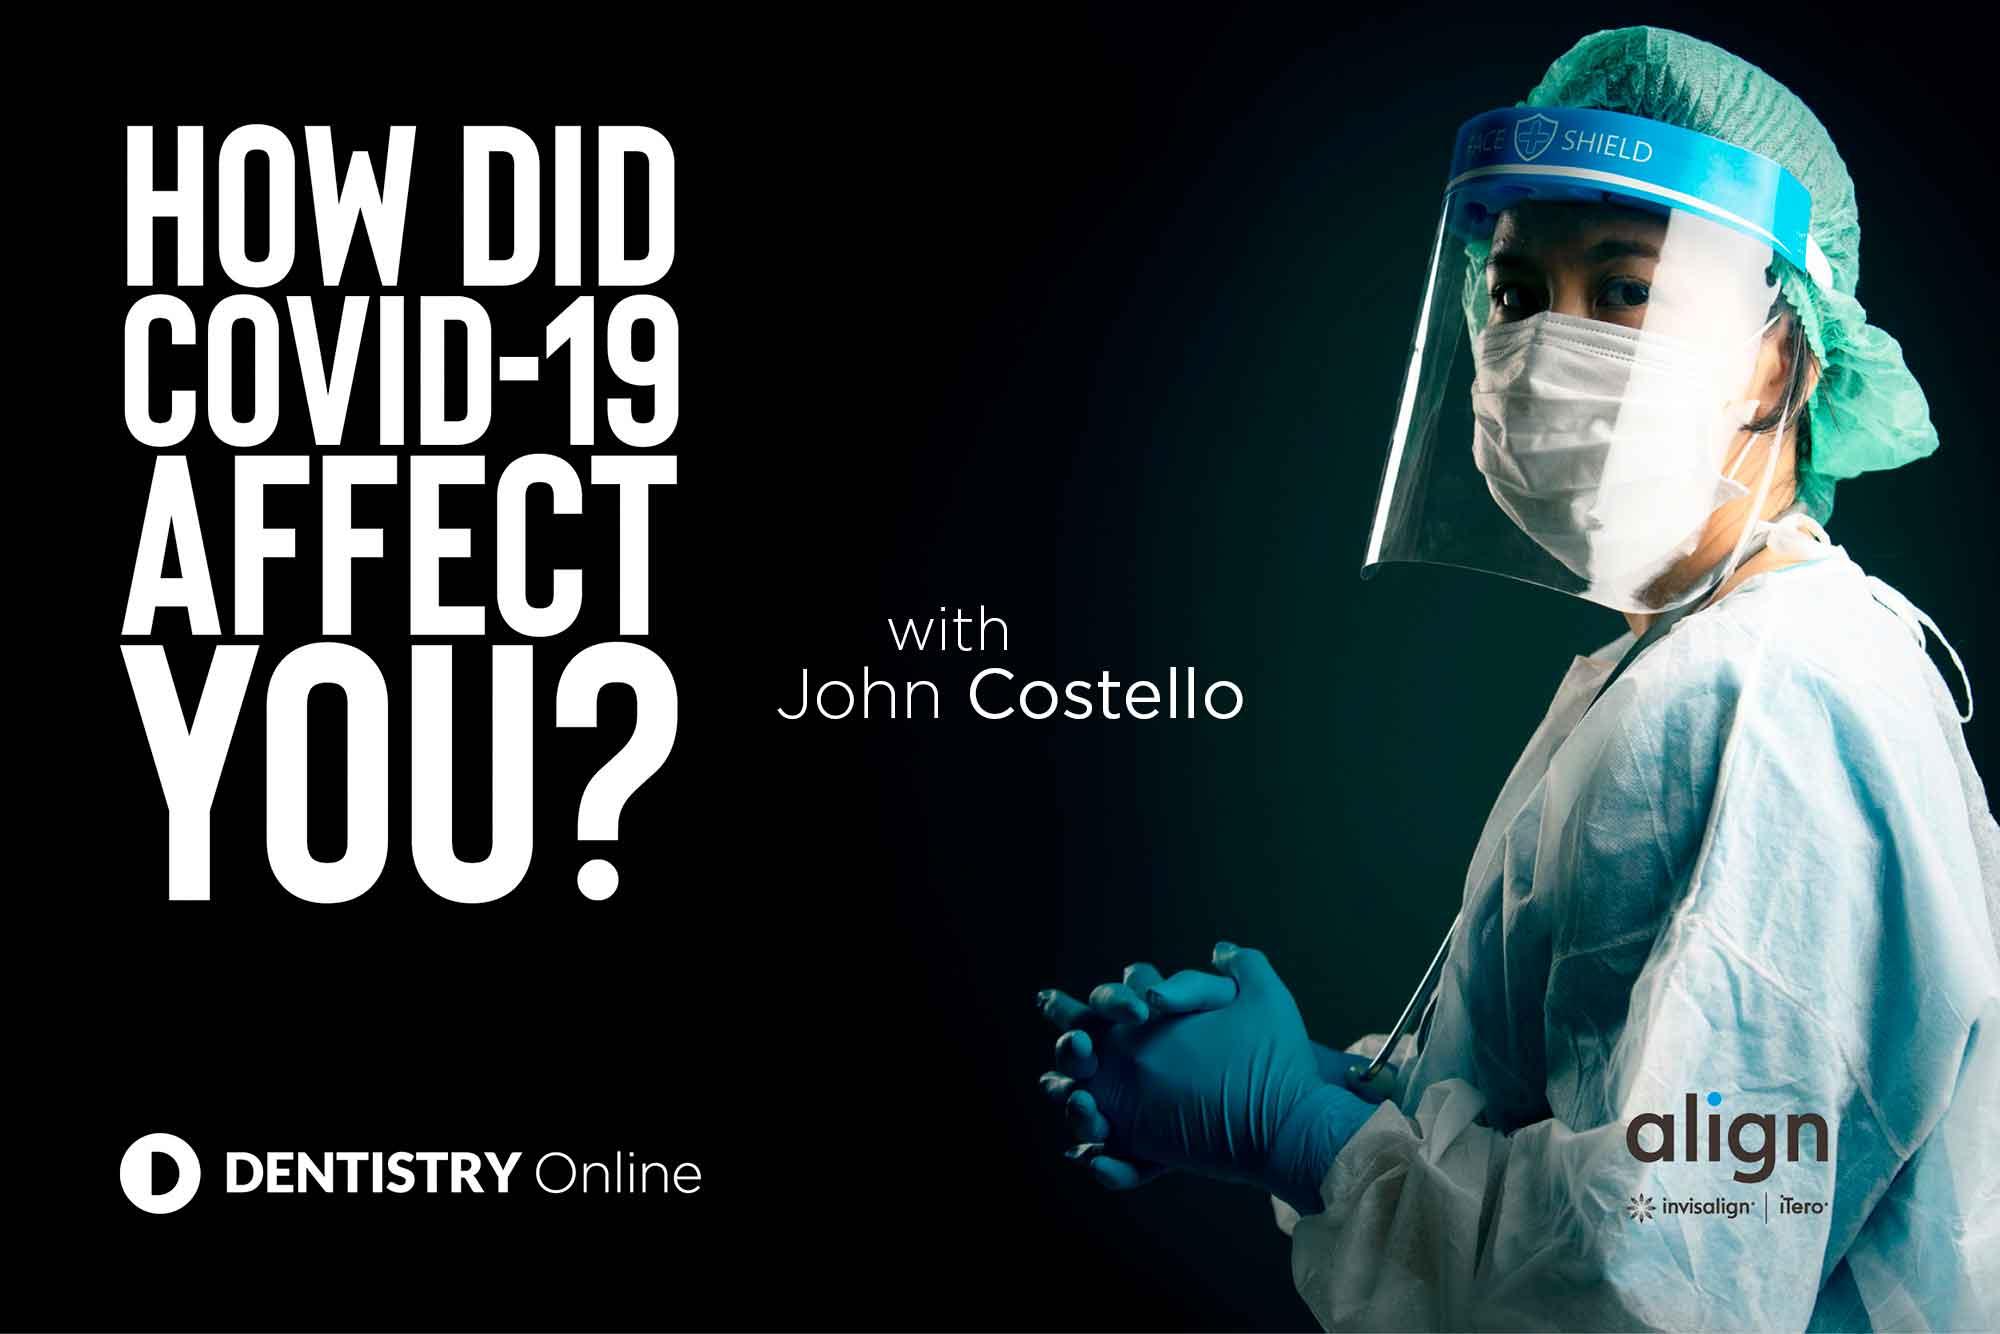 John Costello COVID-19